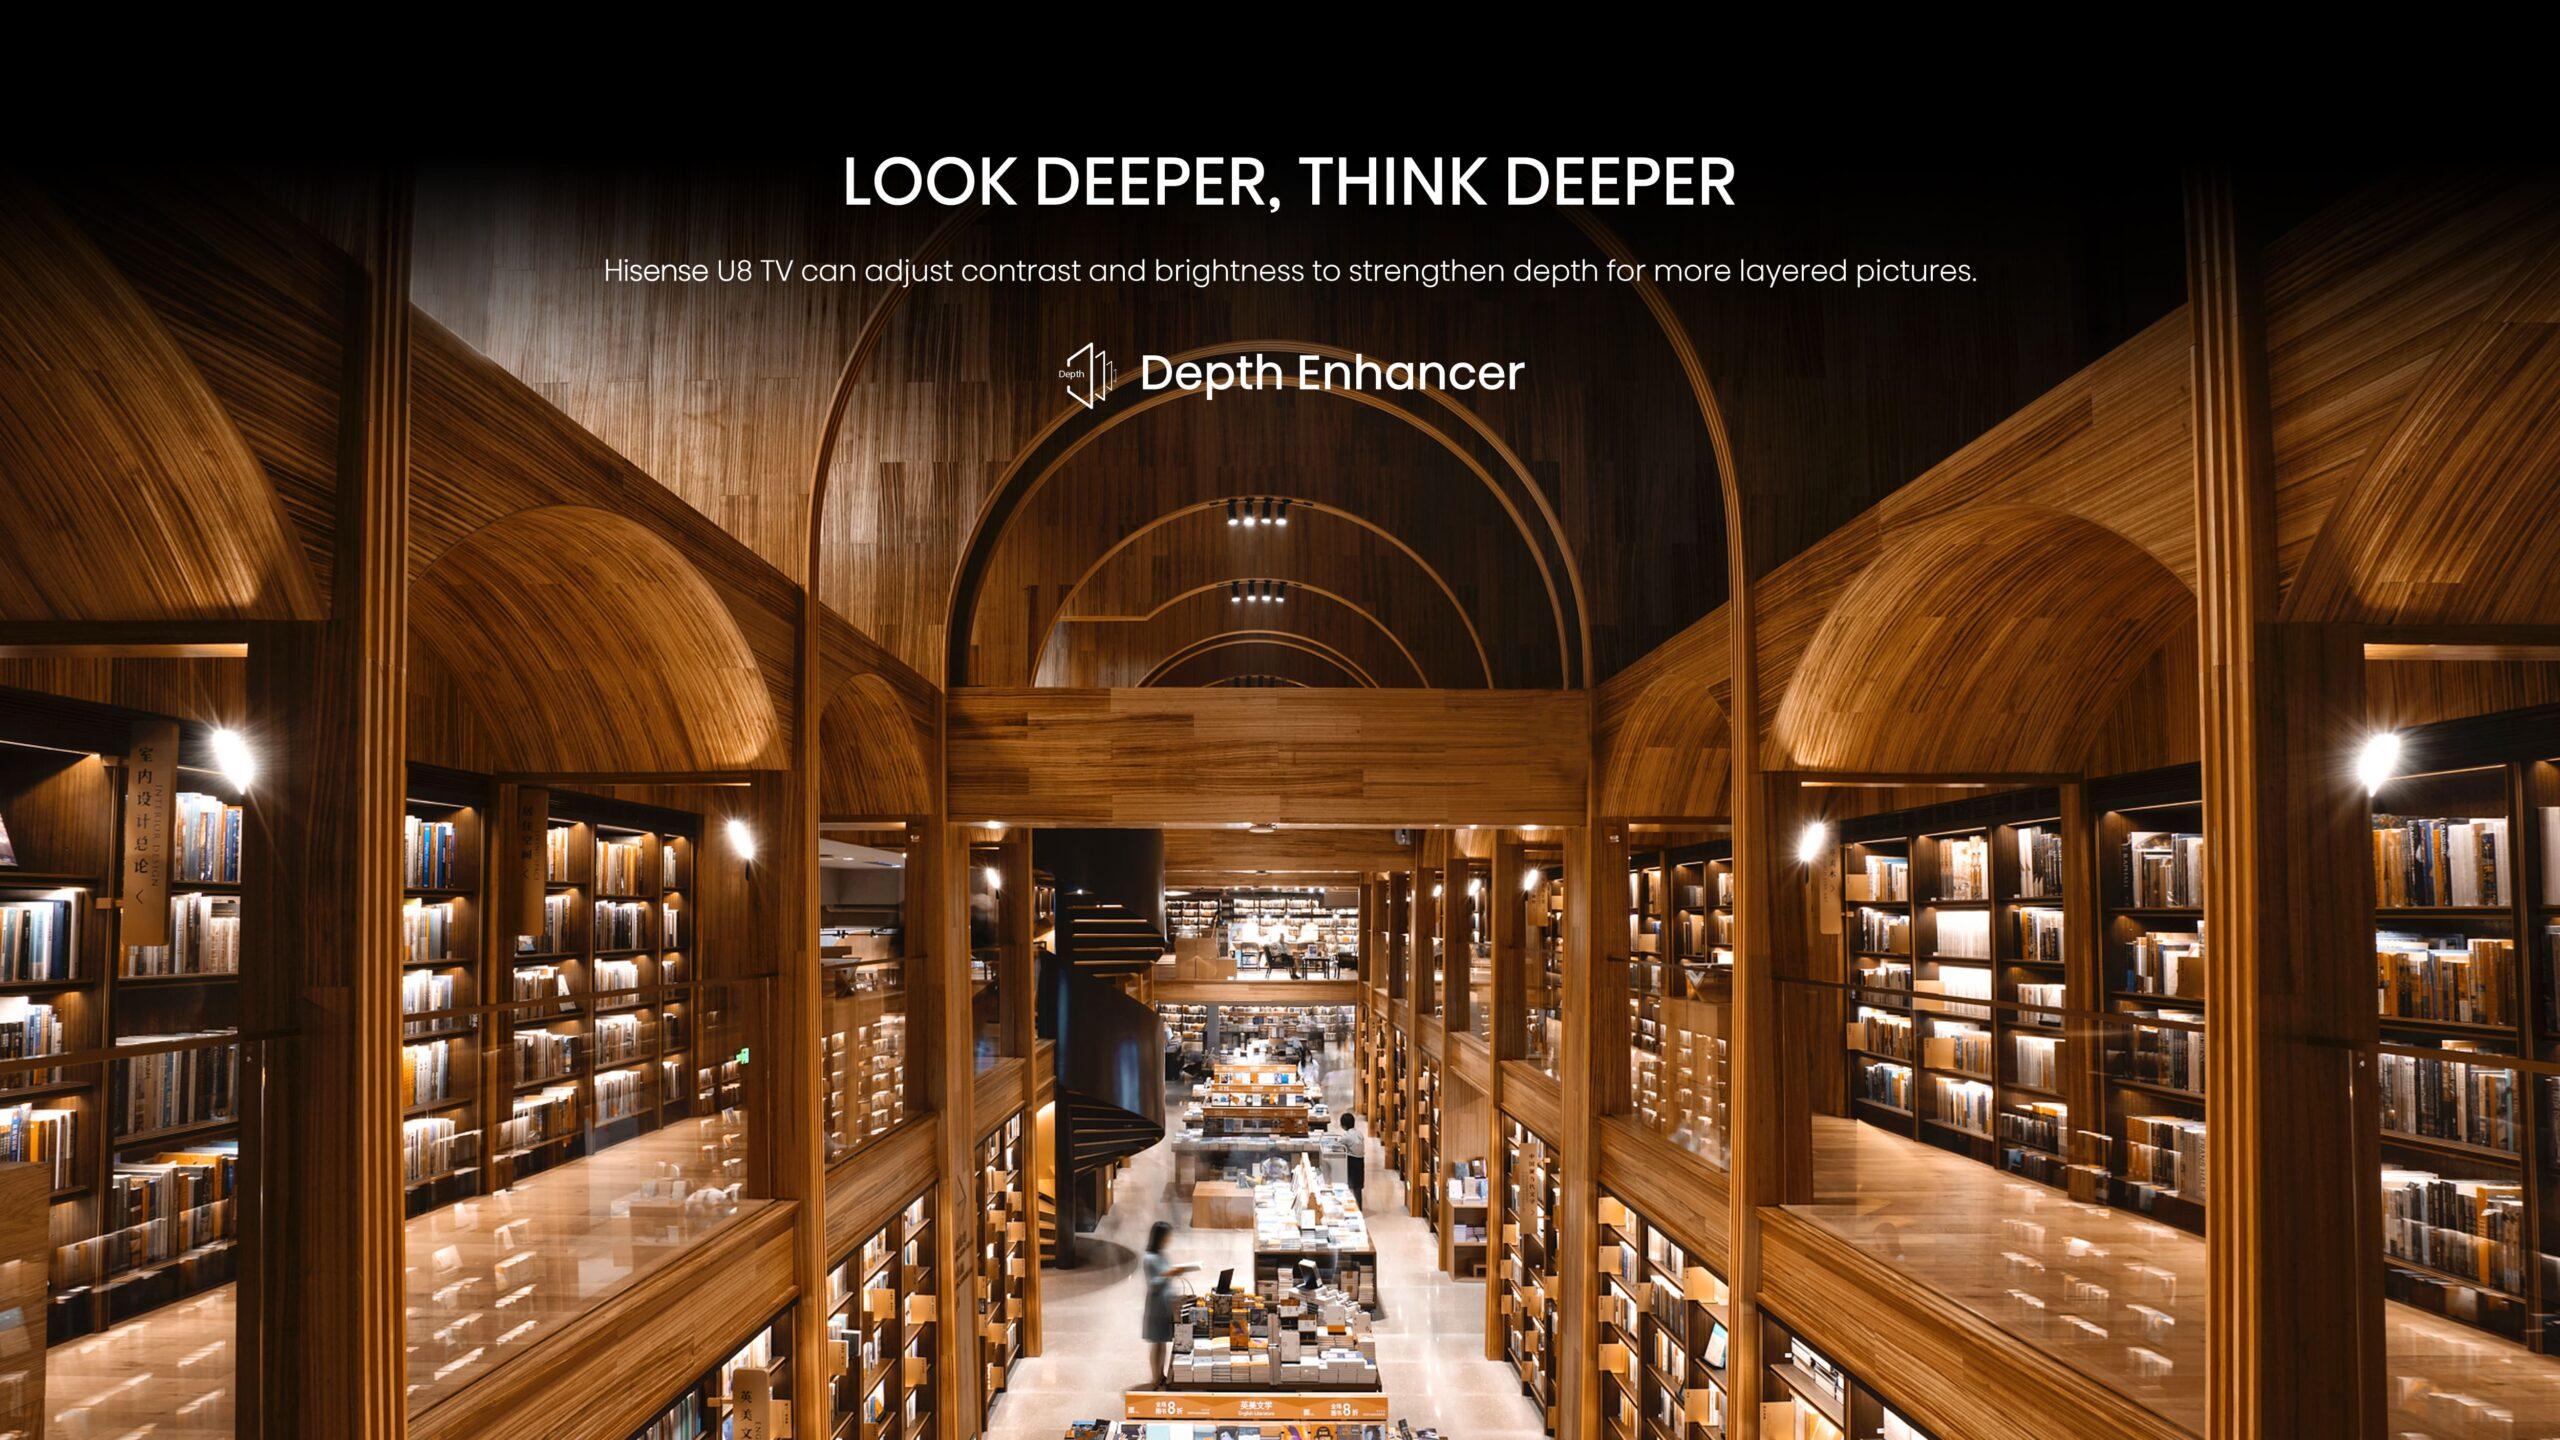 Depth Enhancer